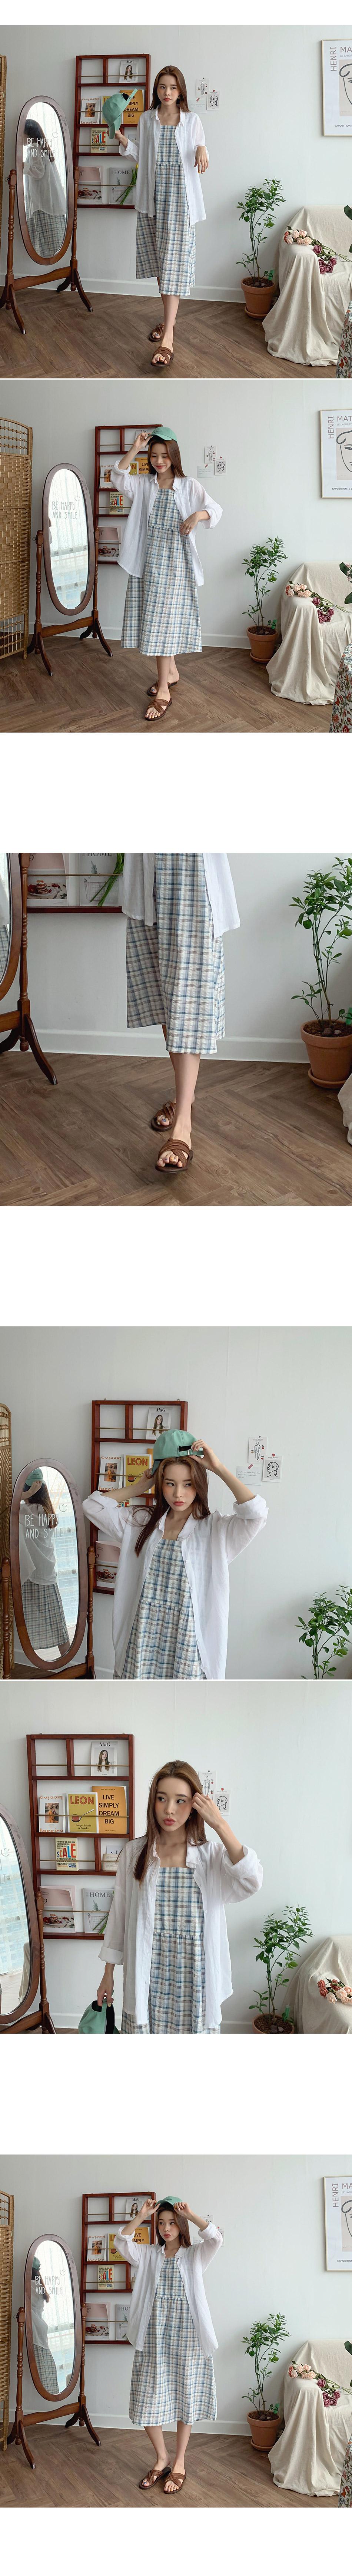 Triple cross slippers _R